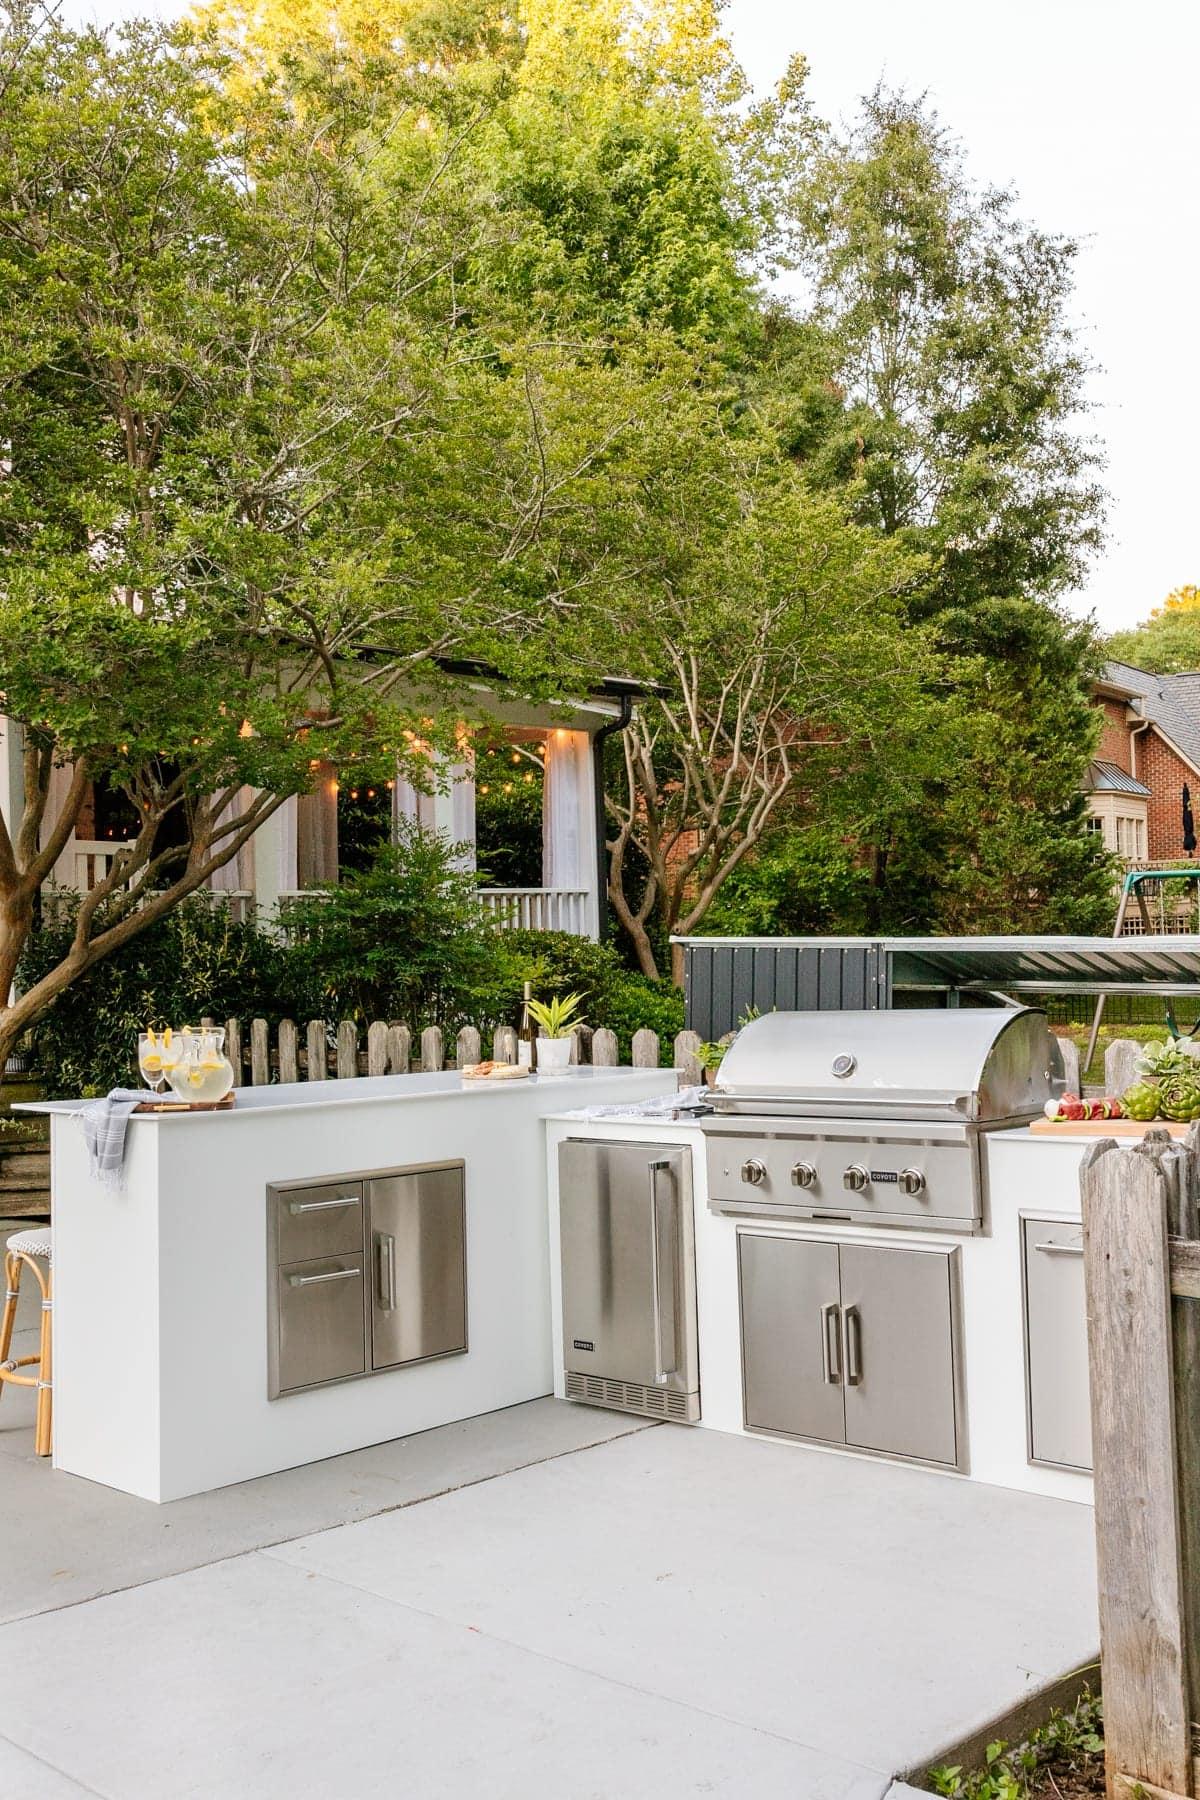 modular outdoor kitchen in a backyard